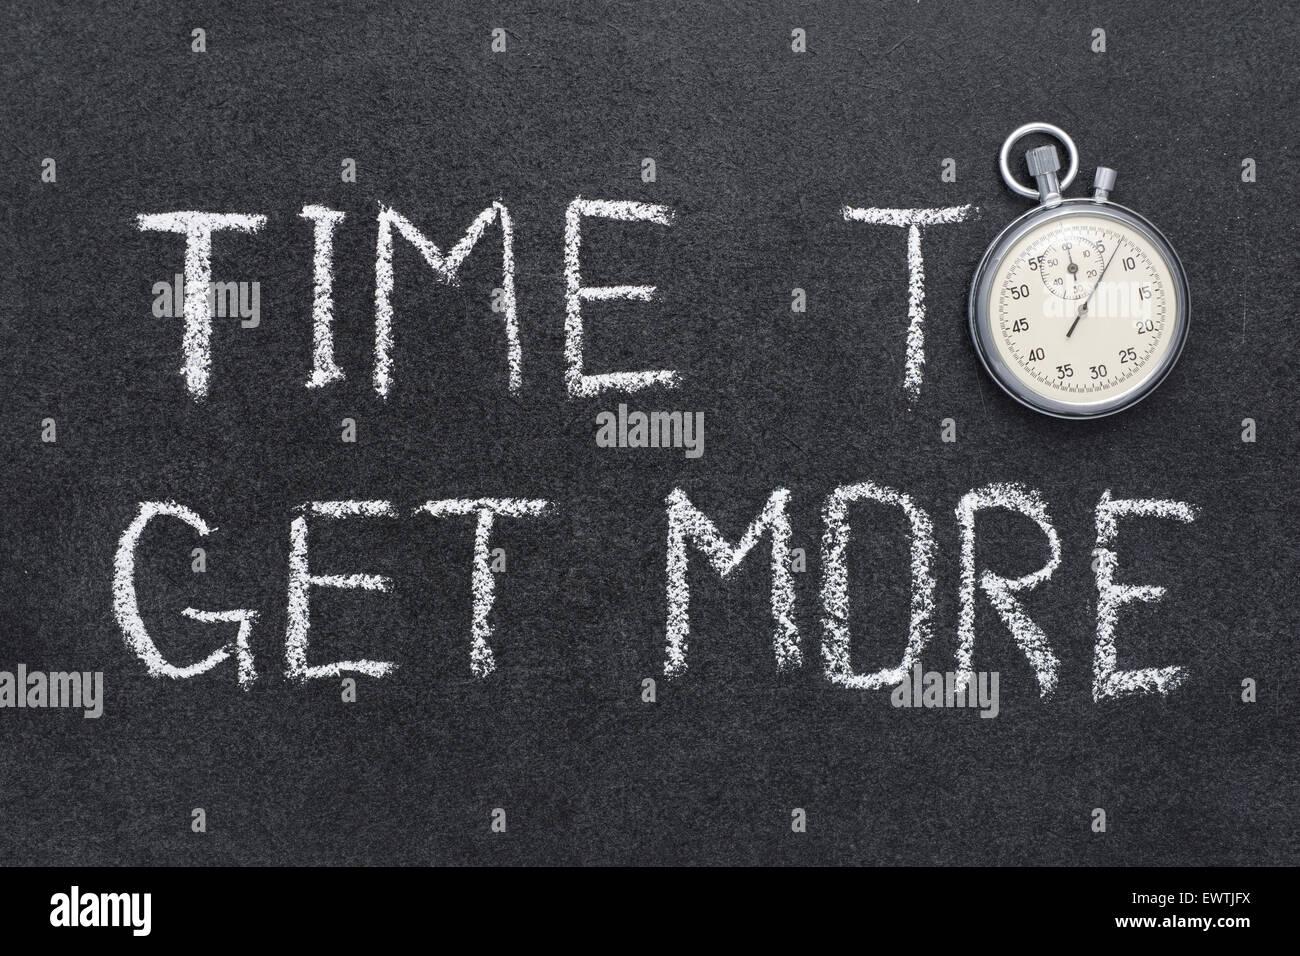 Il tempo per ottenere più concetto manoscritta su lavagna con vintage cronometro preciso utilizzato al posto Immagini Stock